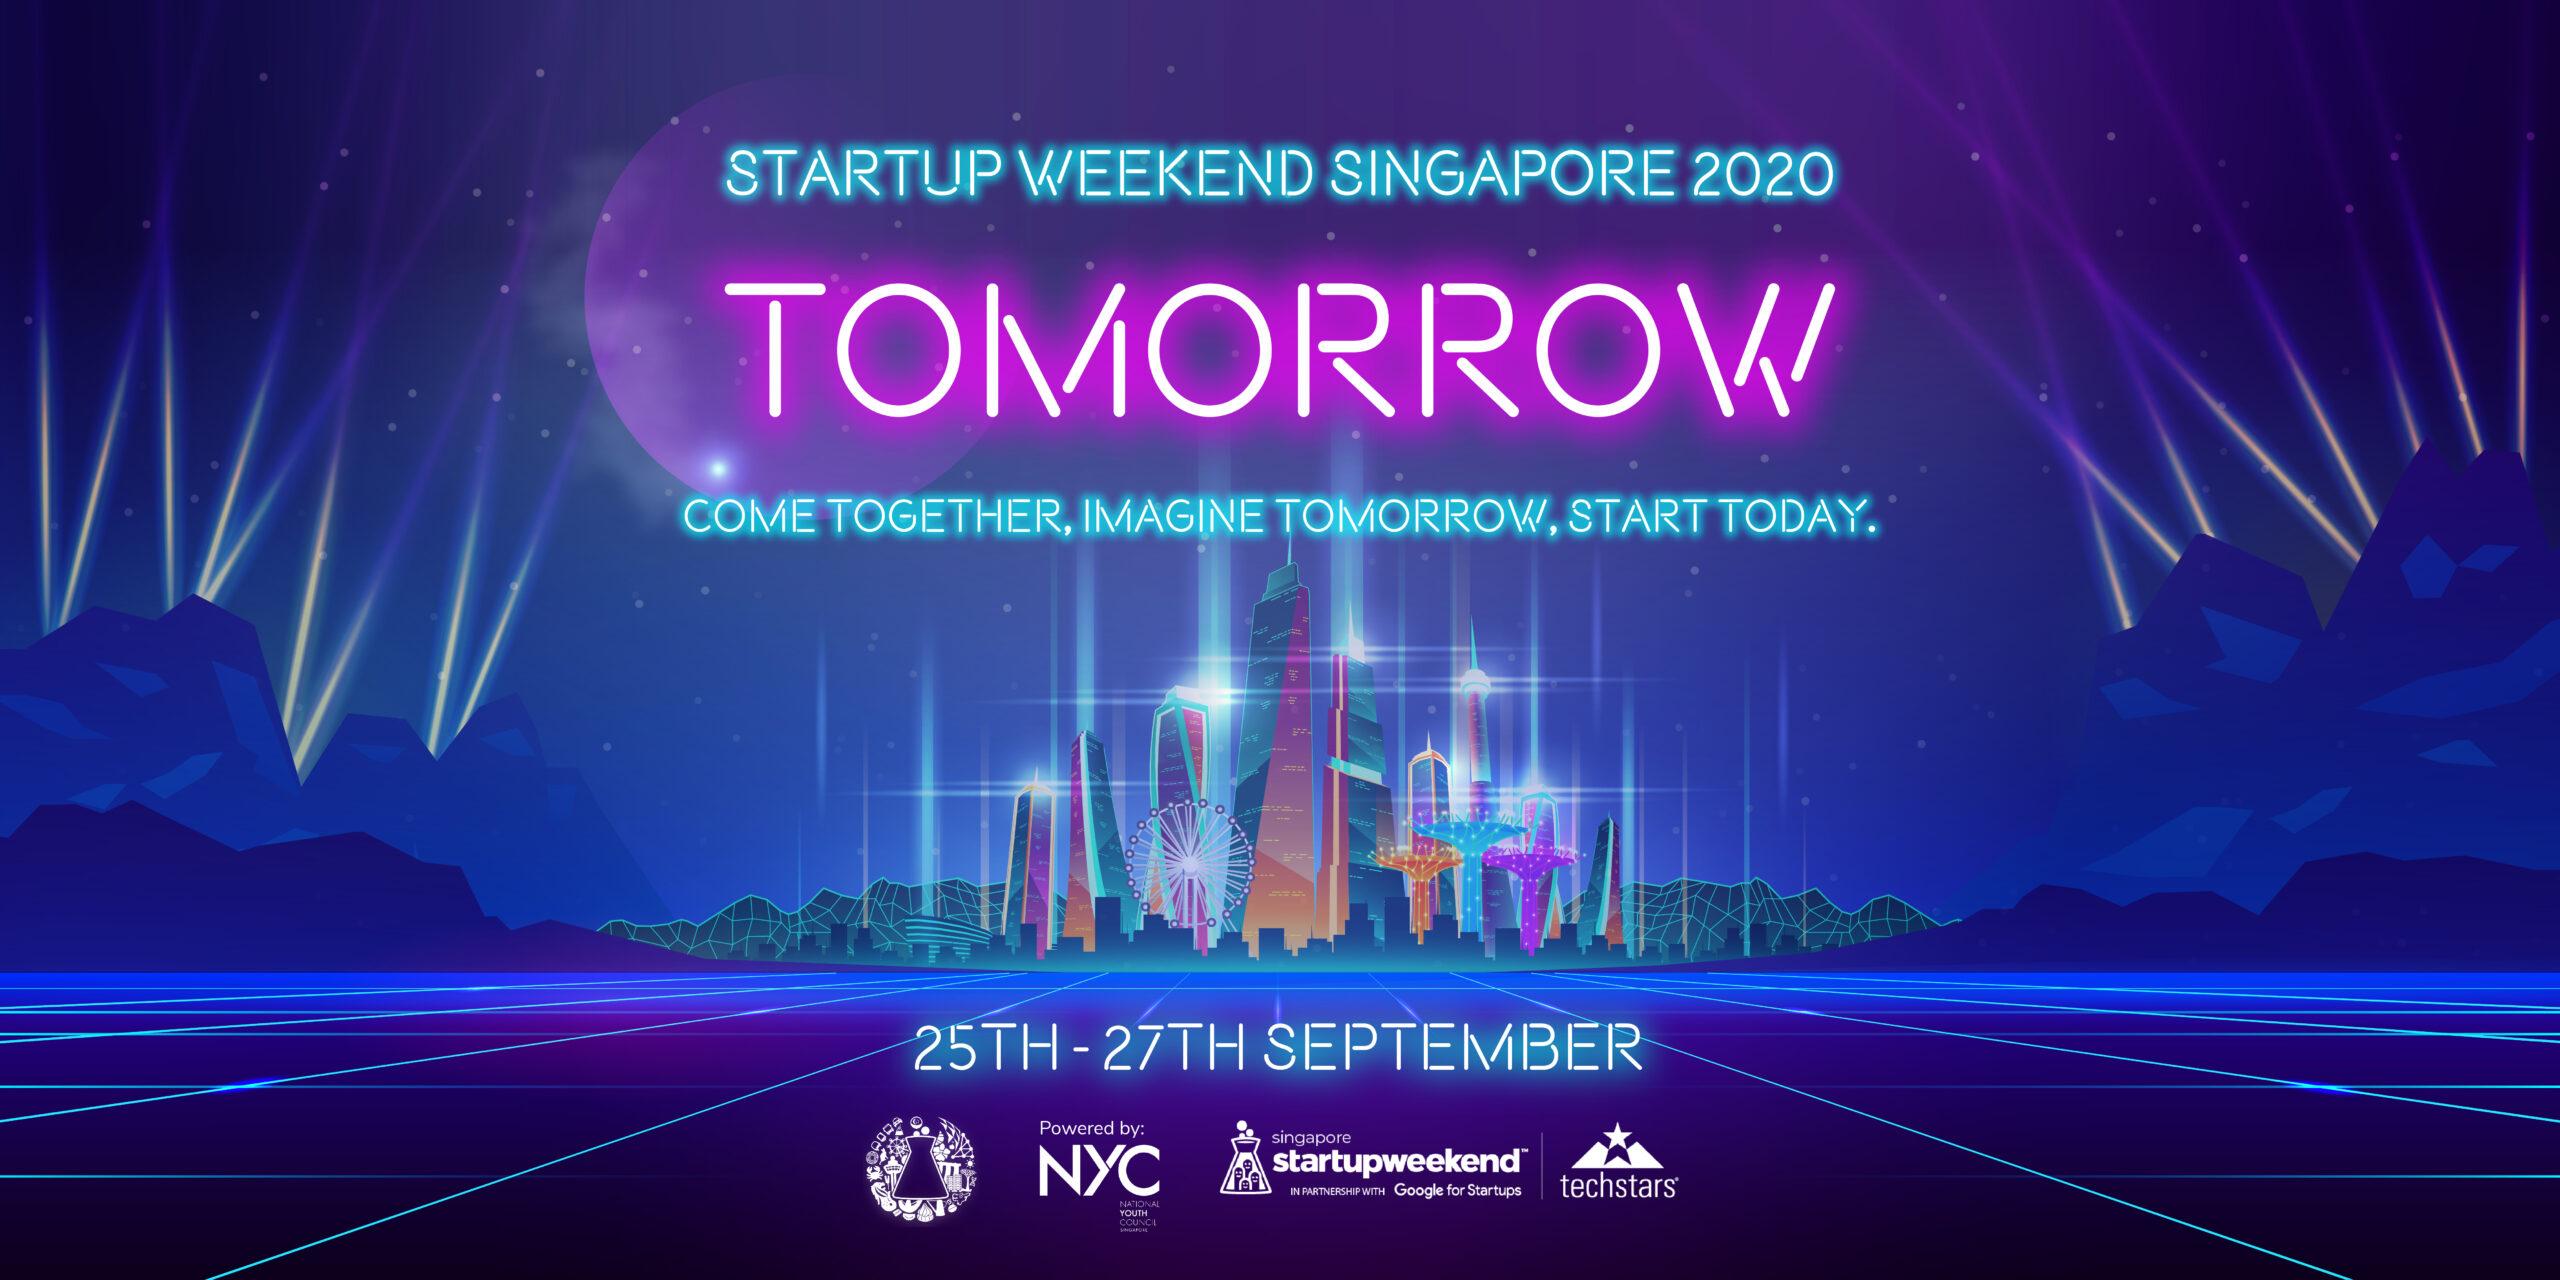 Startup Weekend Singapore